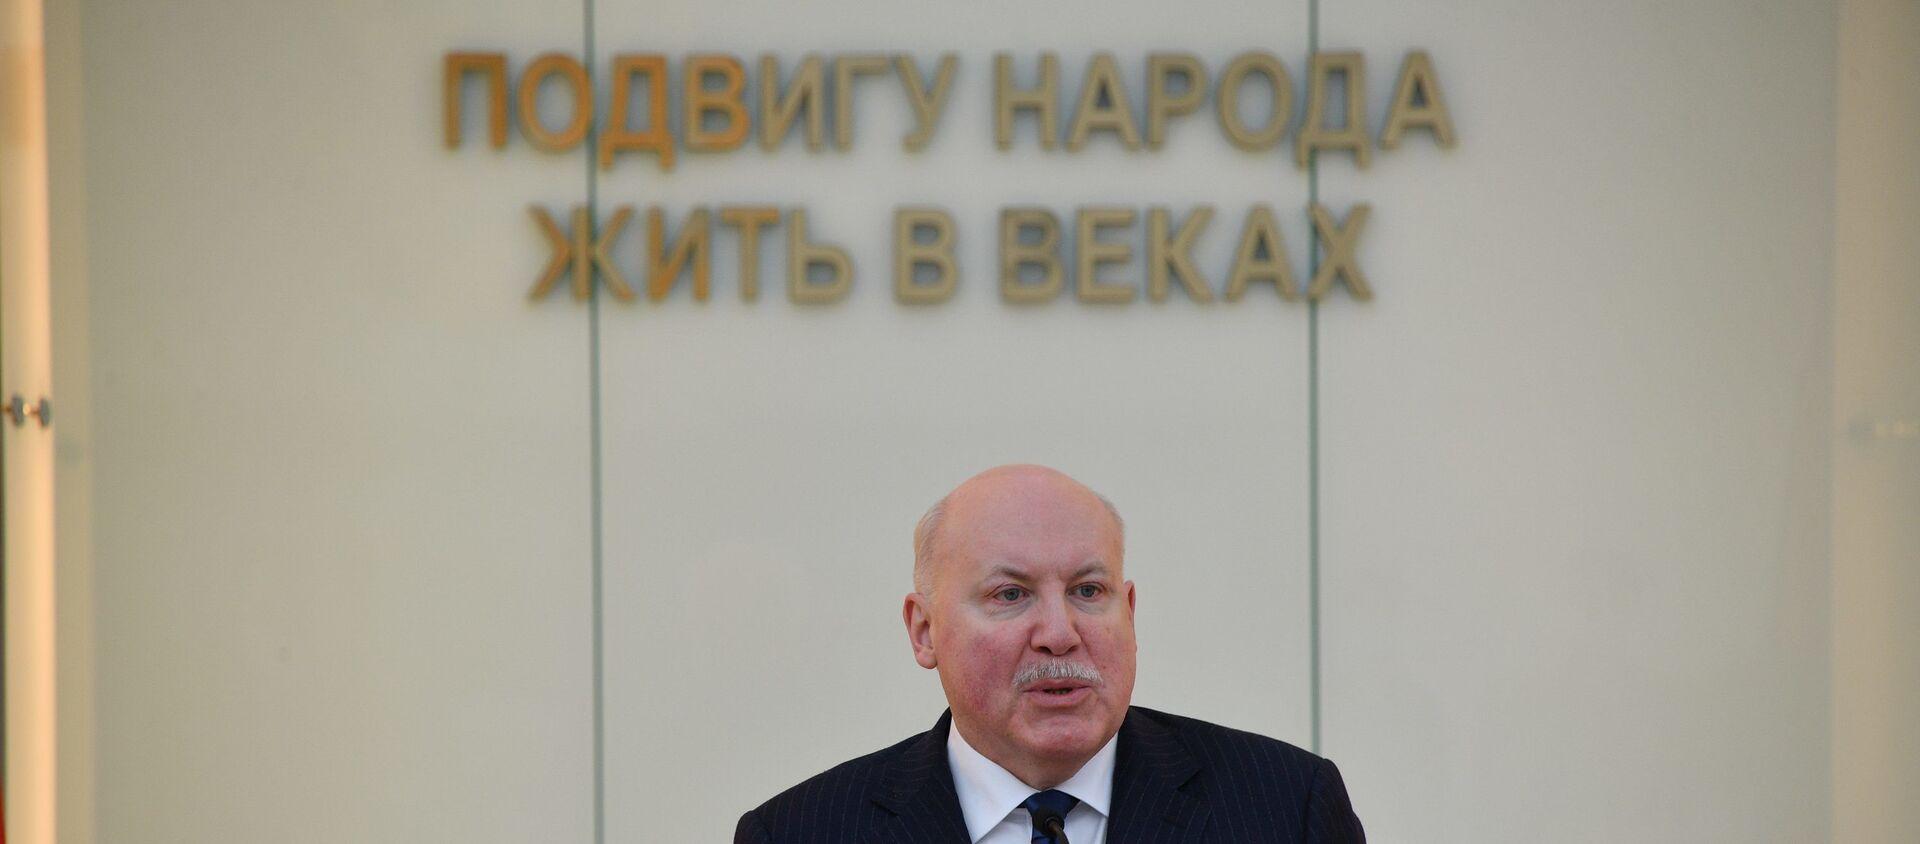 Посол РФ в Беларуси Дмитрий Мезенцев - Sputnik Беларусь, 1920, 10.02.2021